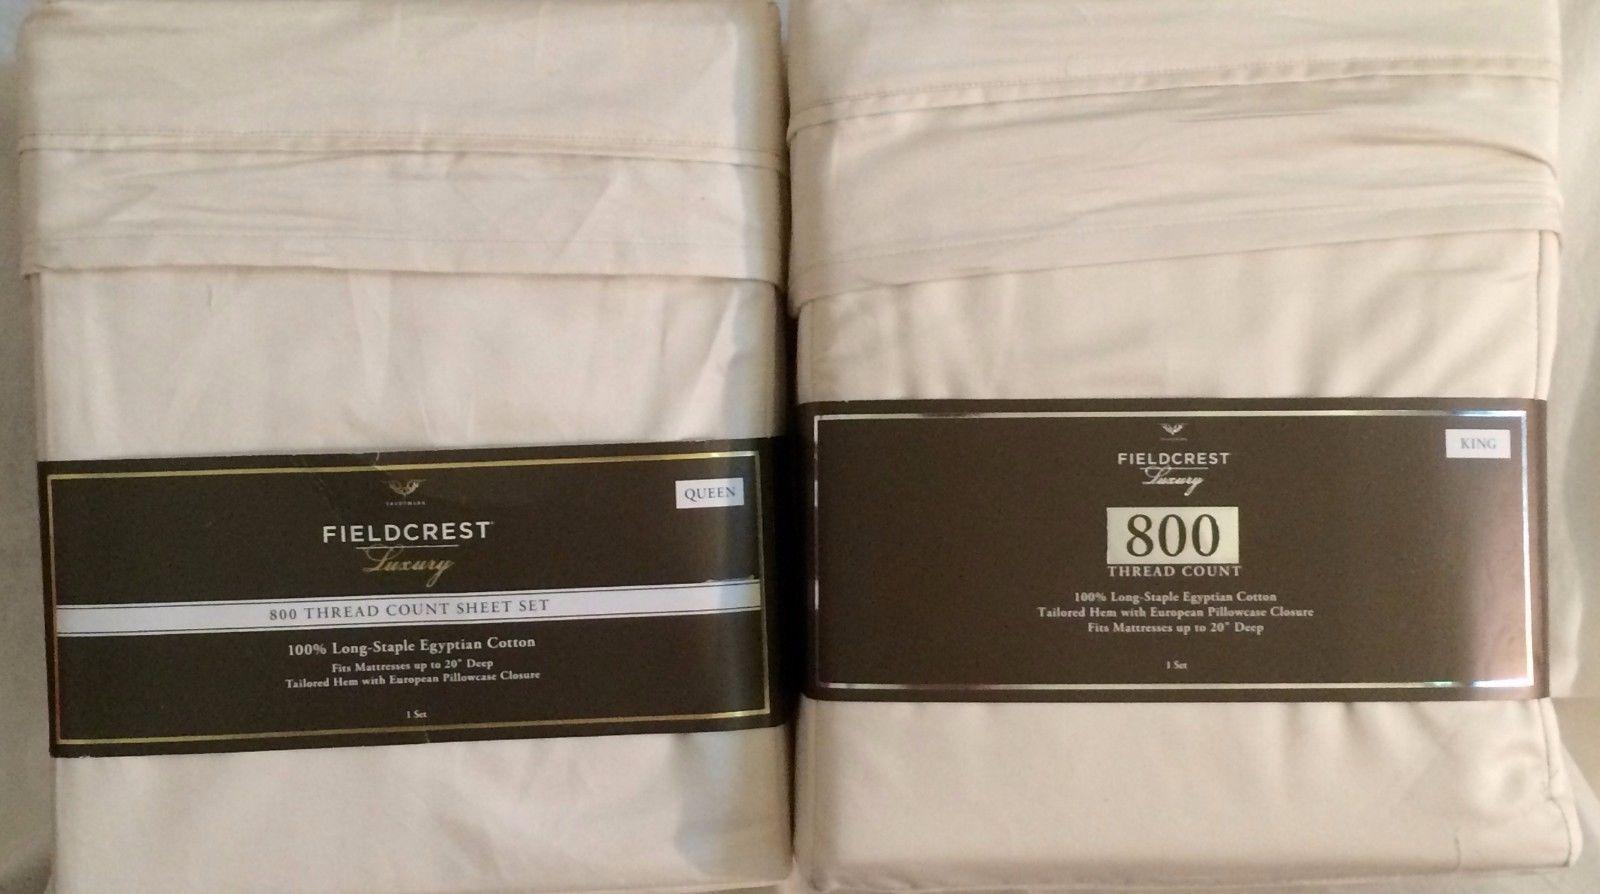 fieldcrest cannon sheets fieldcrest luxury sheets fieldcrest duvet - Wamsutta Sheets